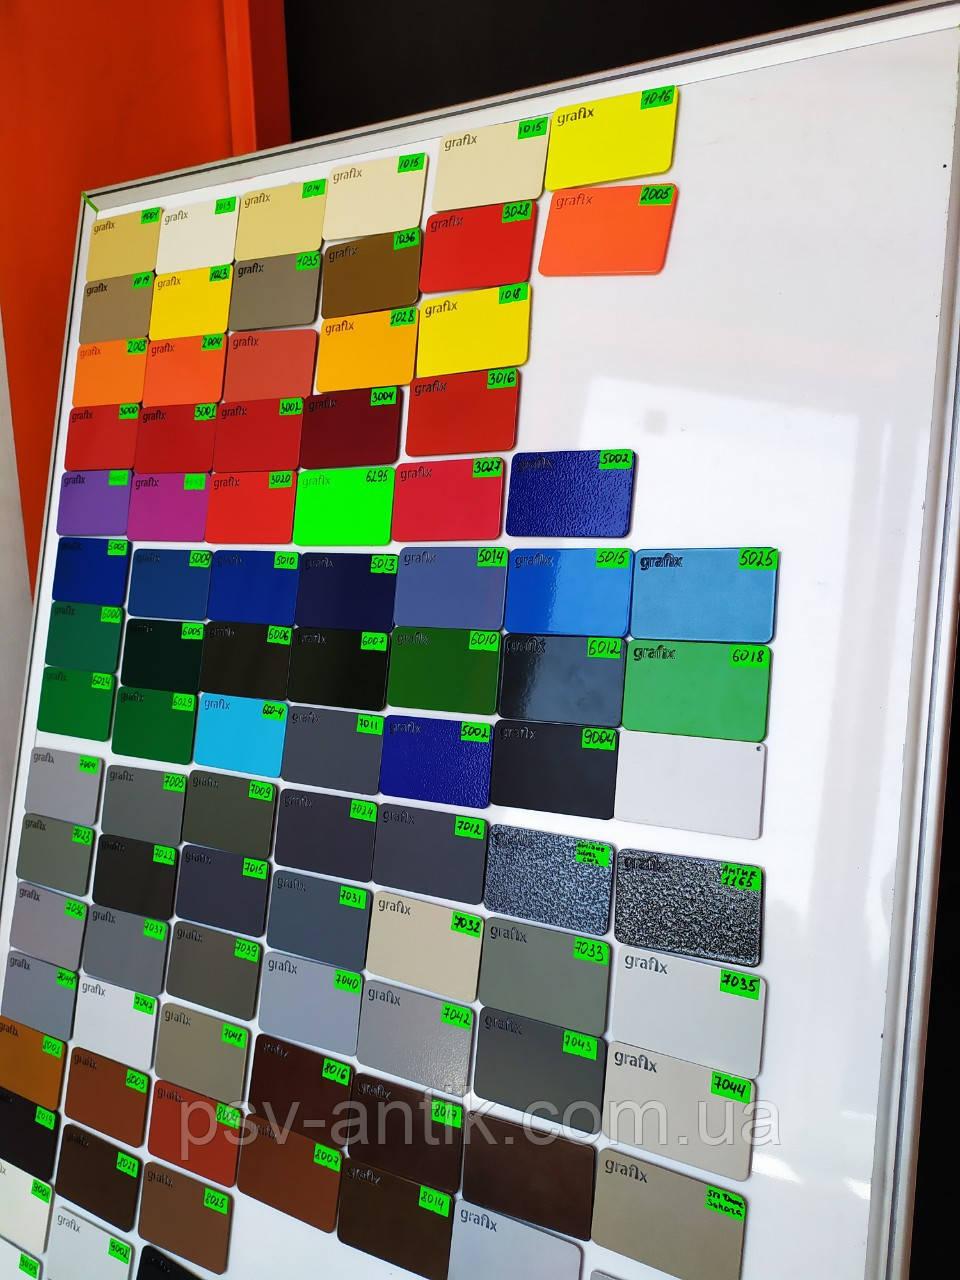 Порошковая краска структурная, полиэфирная, архитектурная, 814